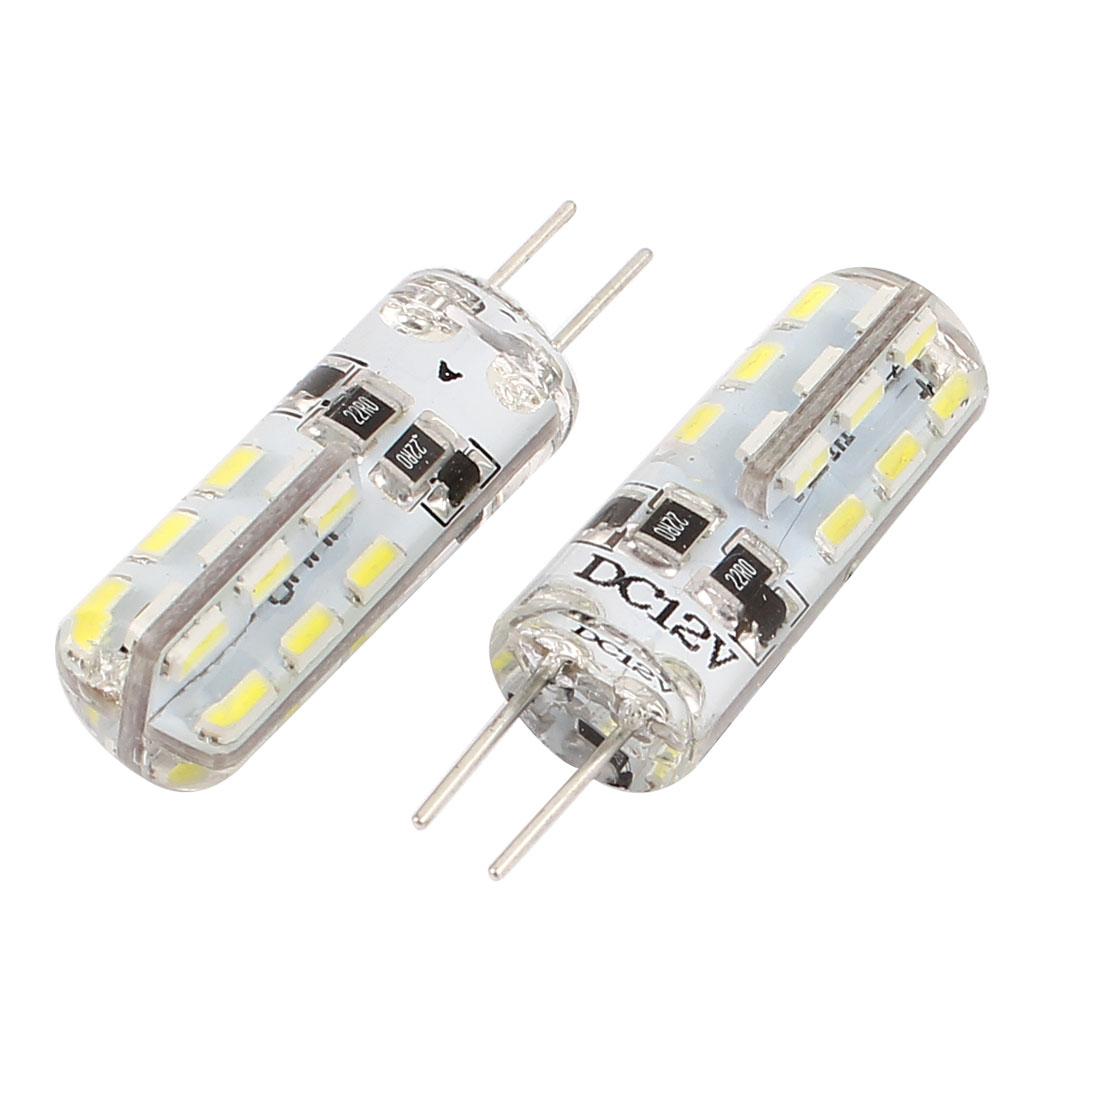 5pcs DC 12V G4 24 3014 SMD LED Dome Light Bulb Corn Lamp Cool White